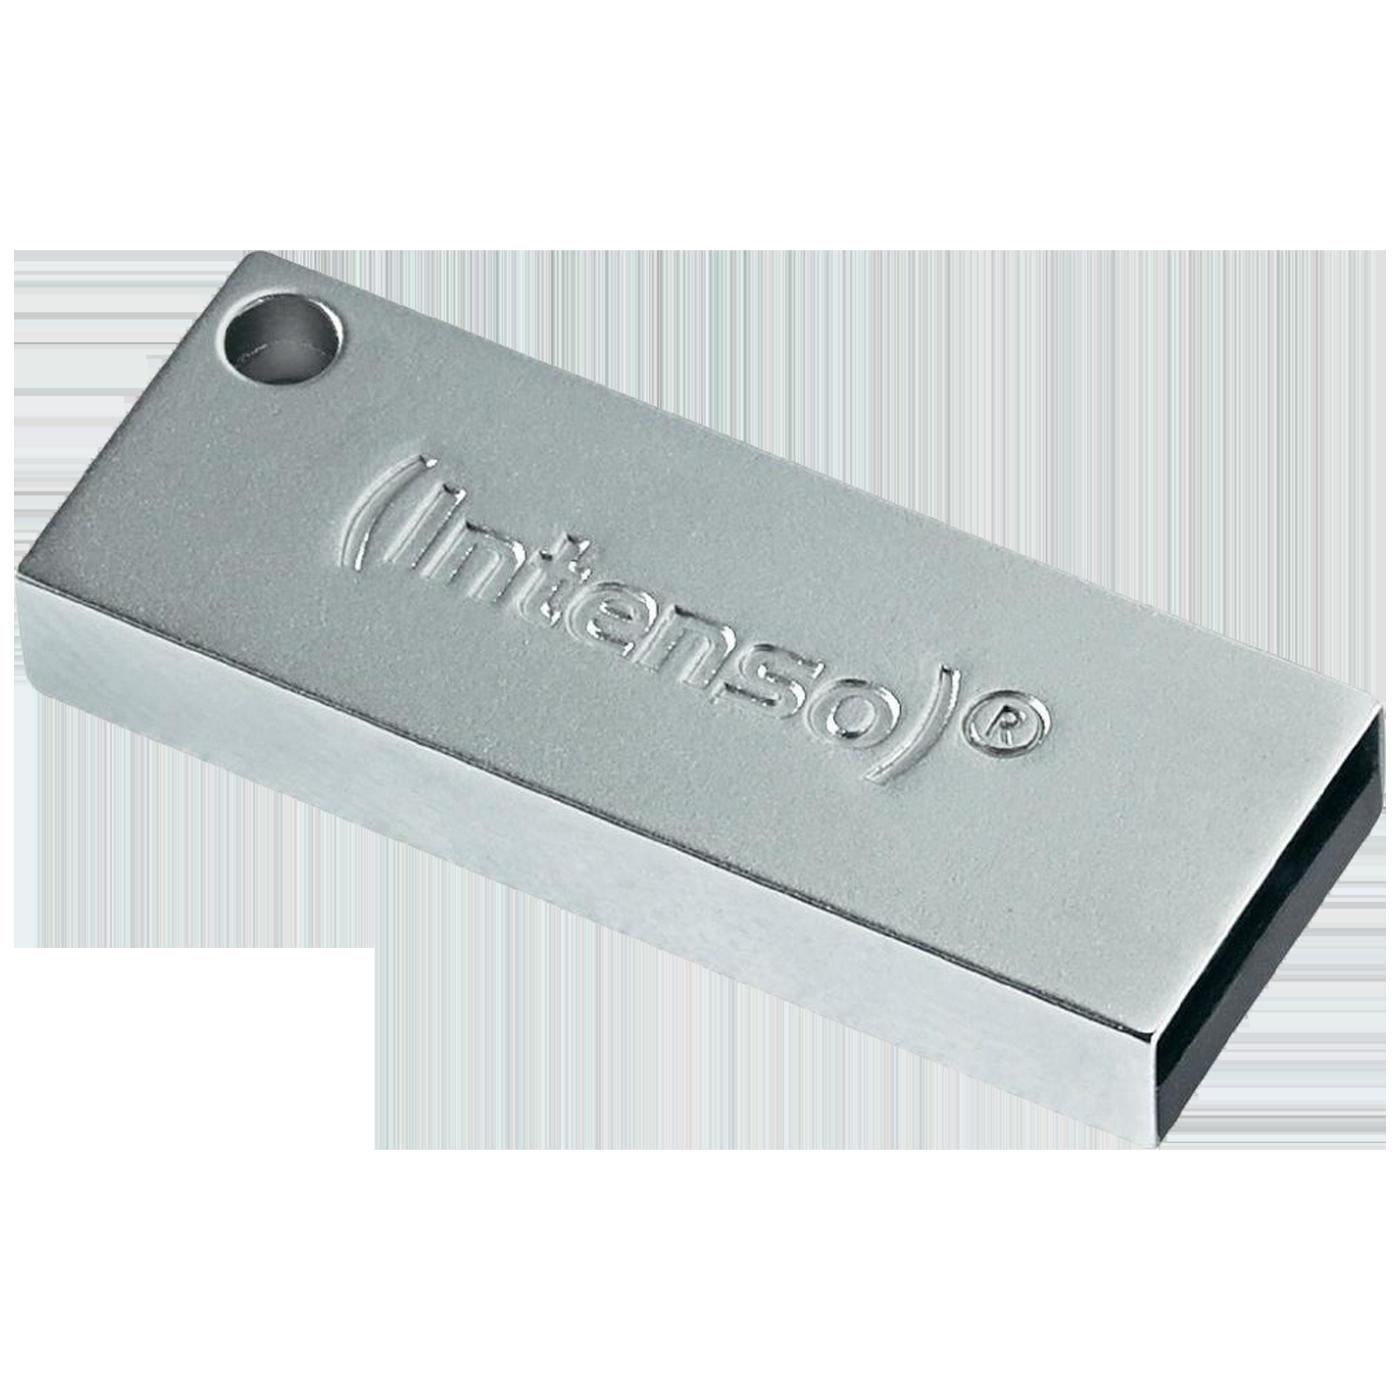 USB Flash 8GB Hi-Speed USB 3.0 up to 100MB/s, Premium Line